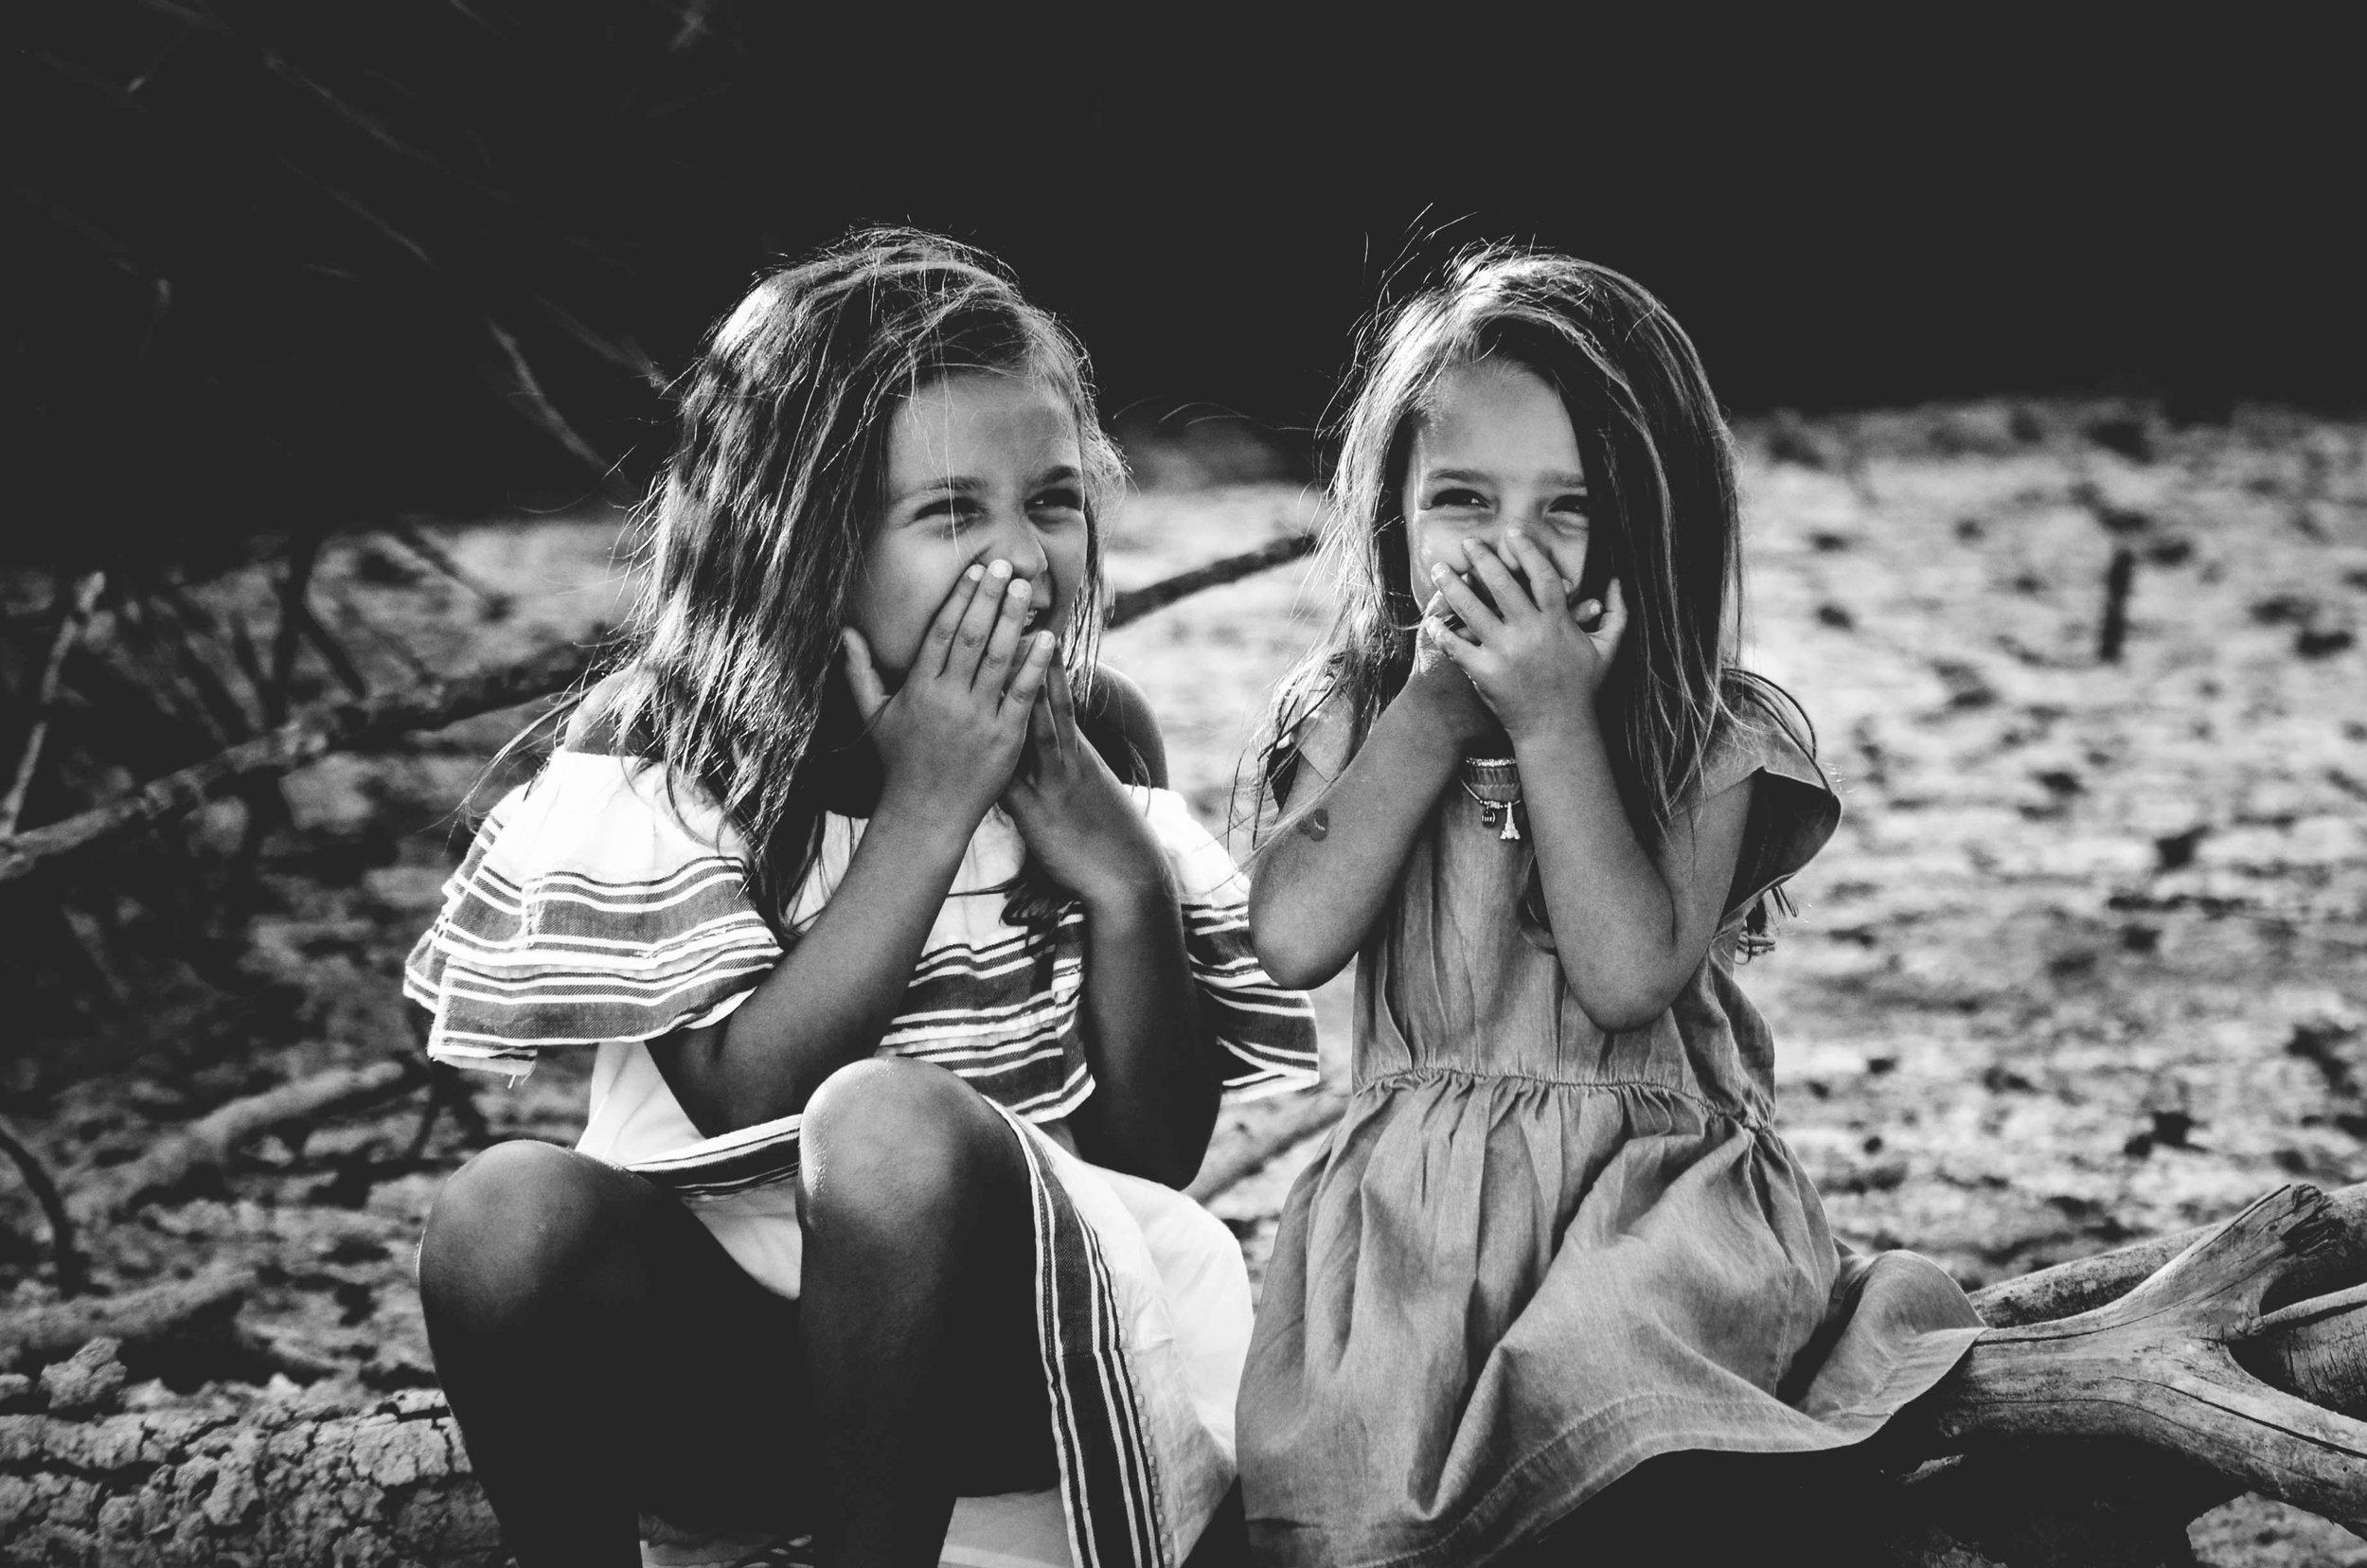 girlslaughing.jpg